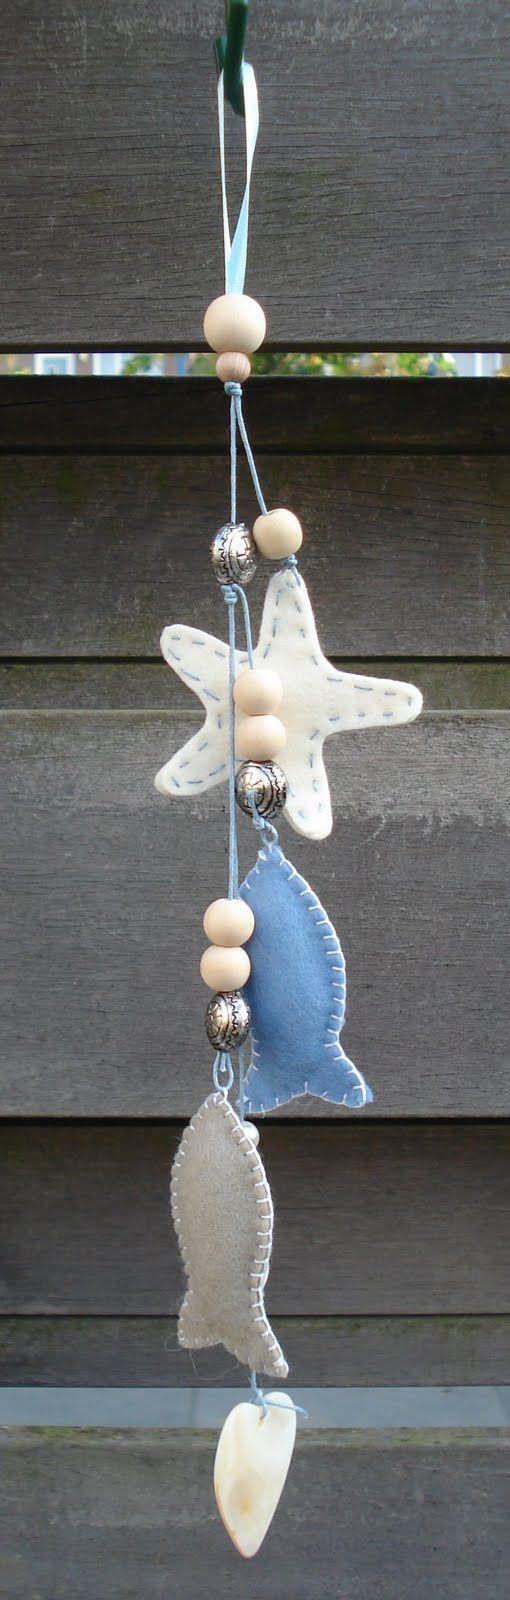 Petit mobile guirlande en feutrine avec des poissons, coquillage et étoile de mer / Felt guirland with fish and star fish: